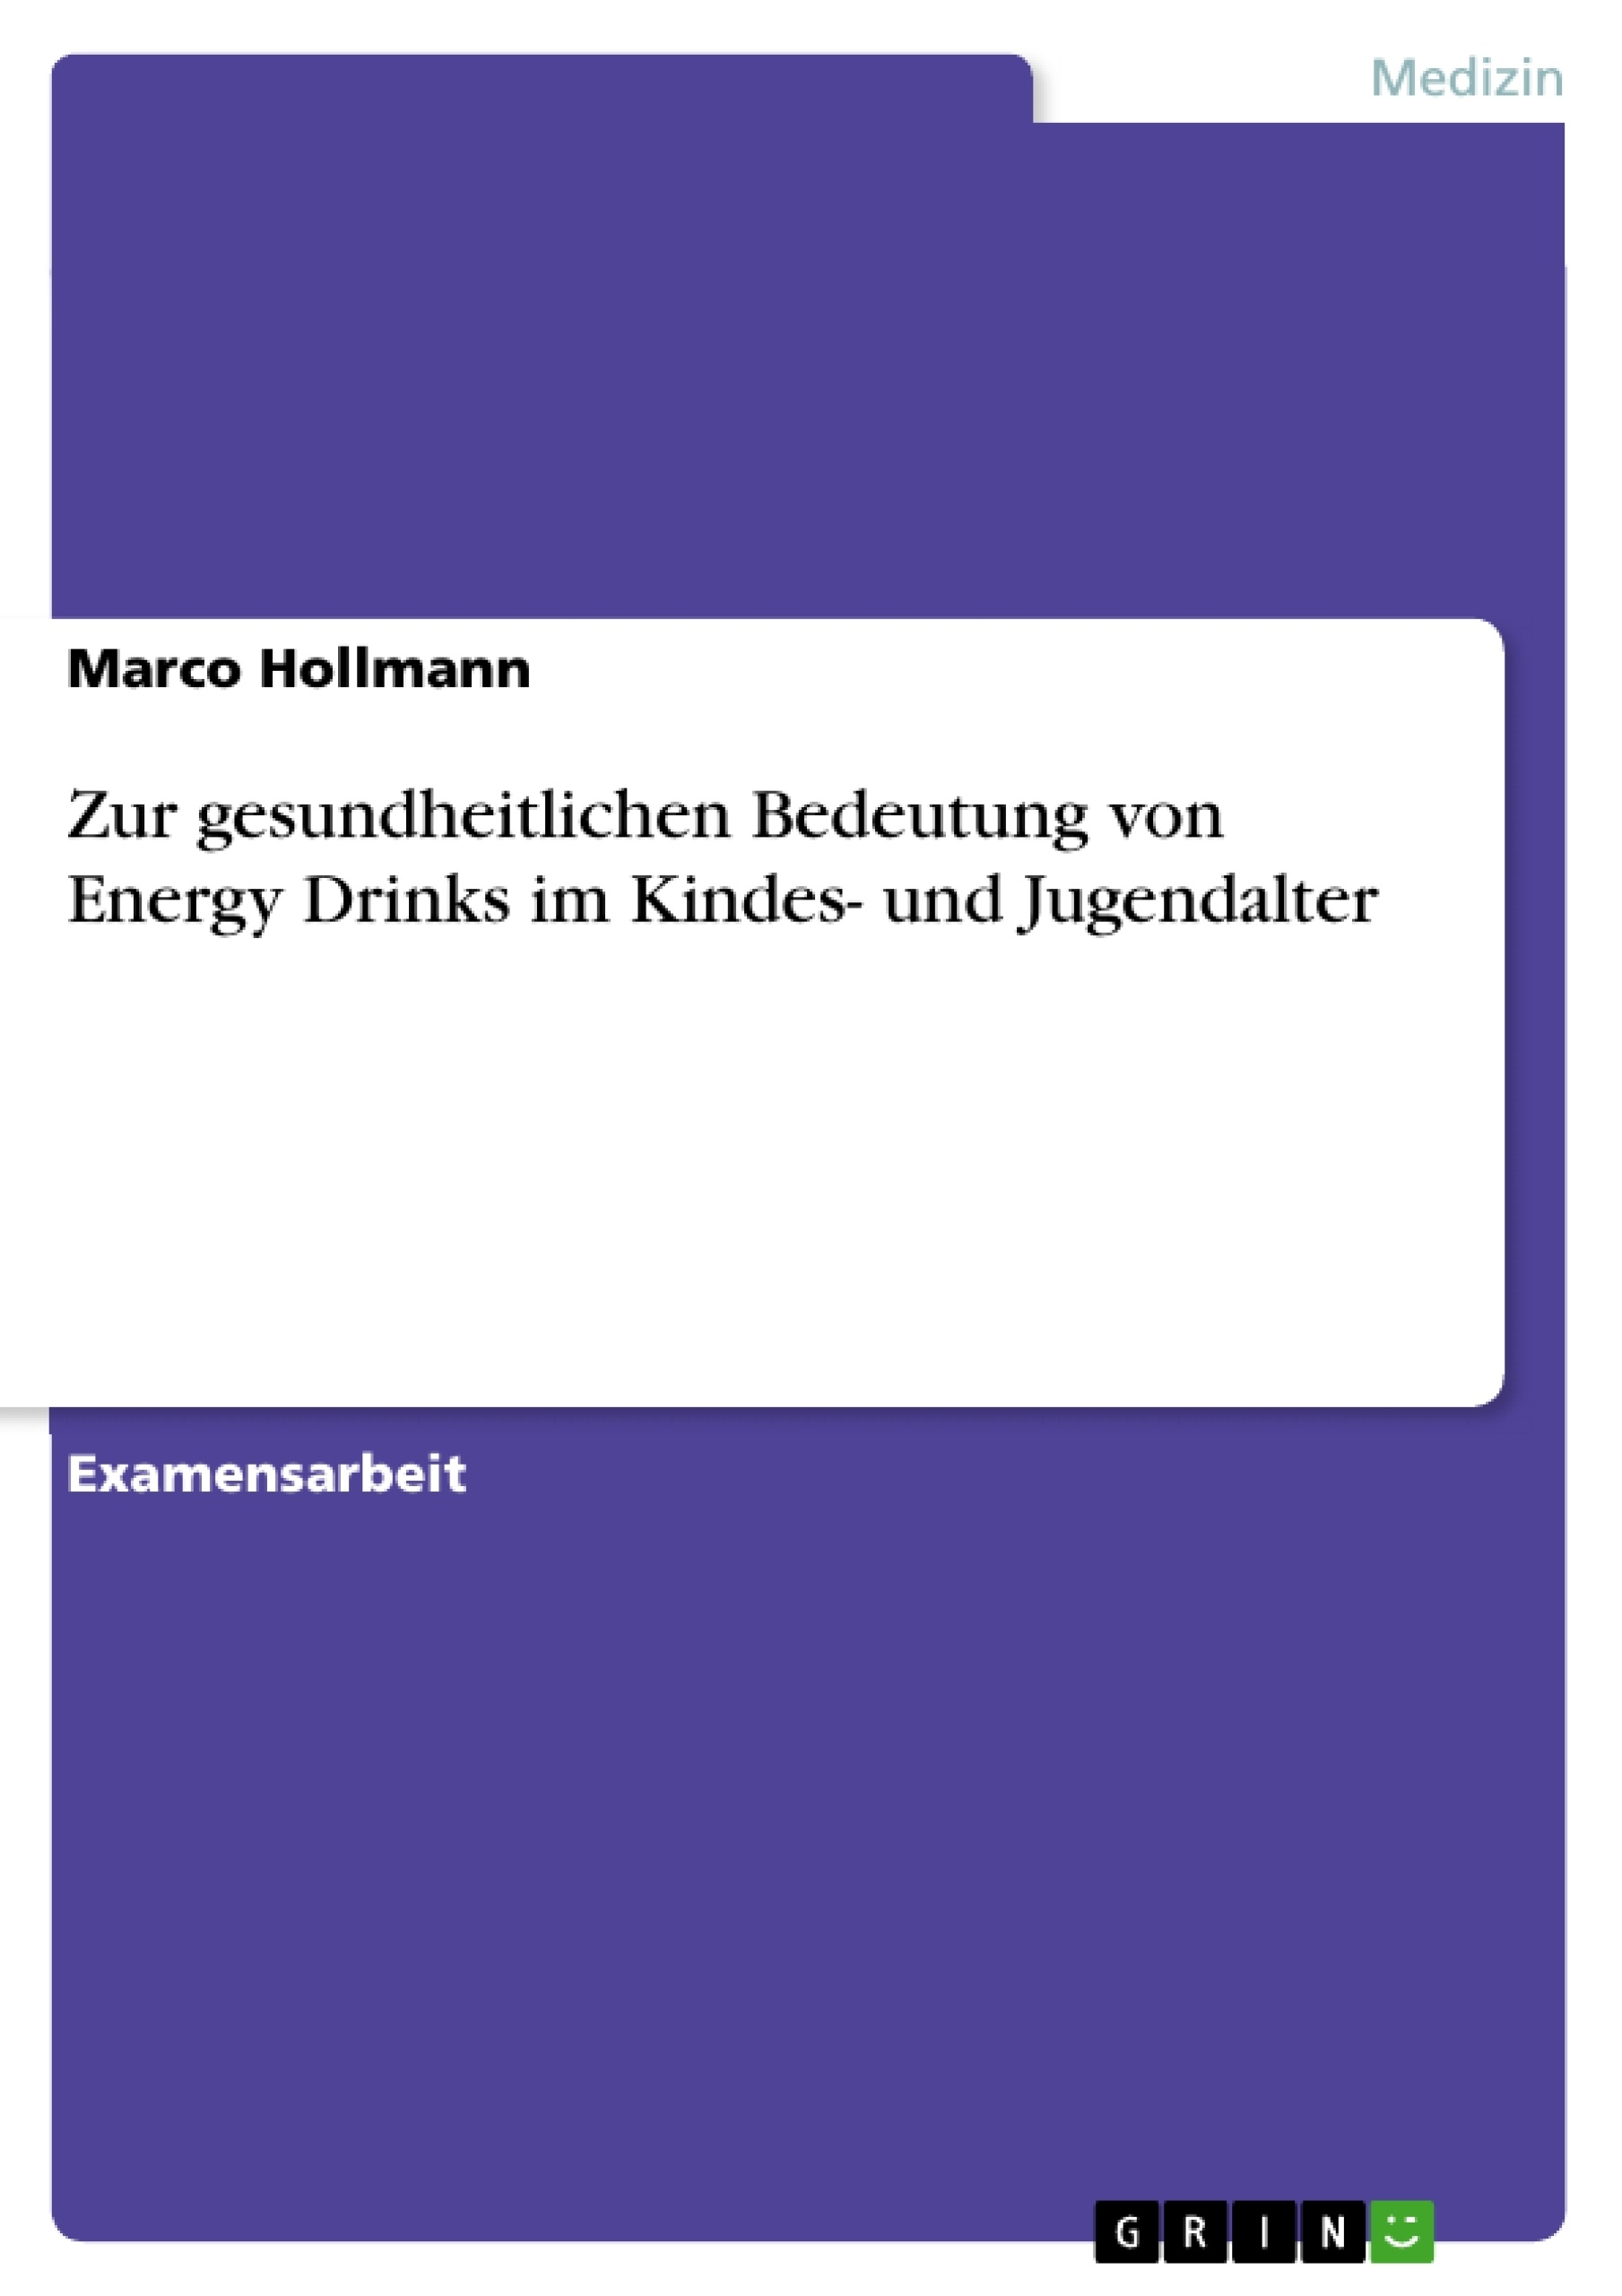 Titel: Zur gesundheitlichen Bedeutung von Energy Drinks im Kindes- und Jugendalter